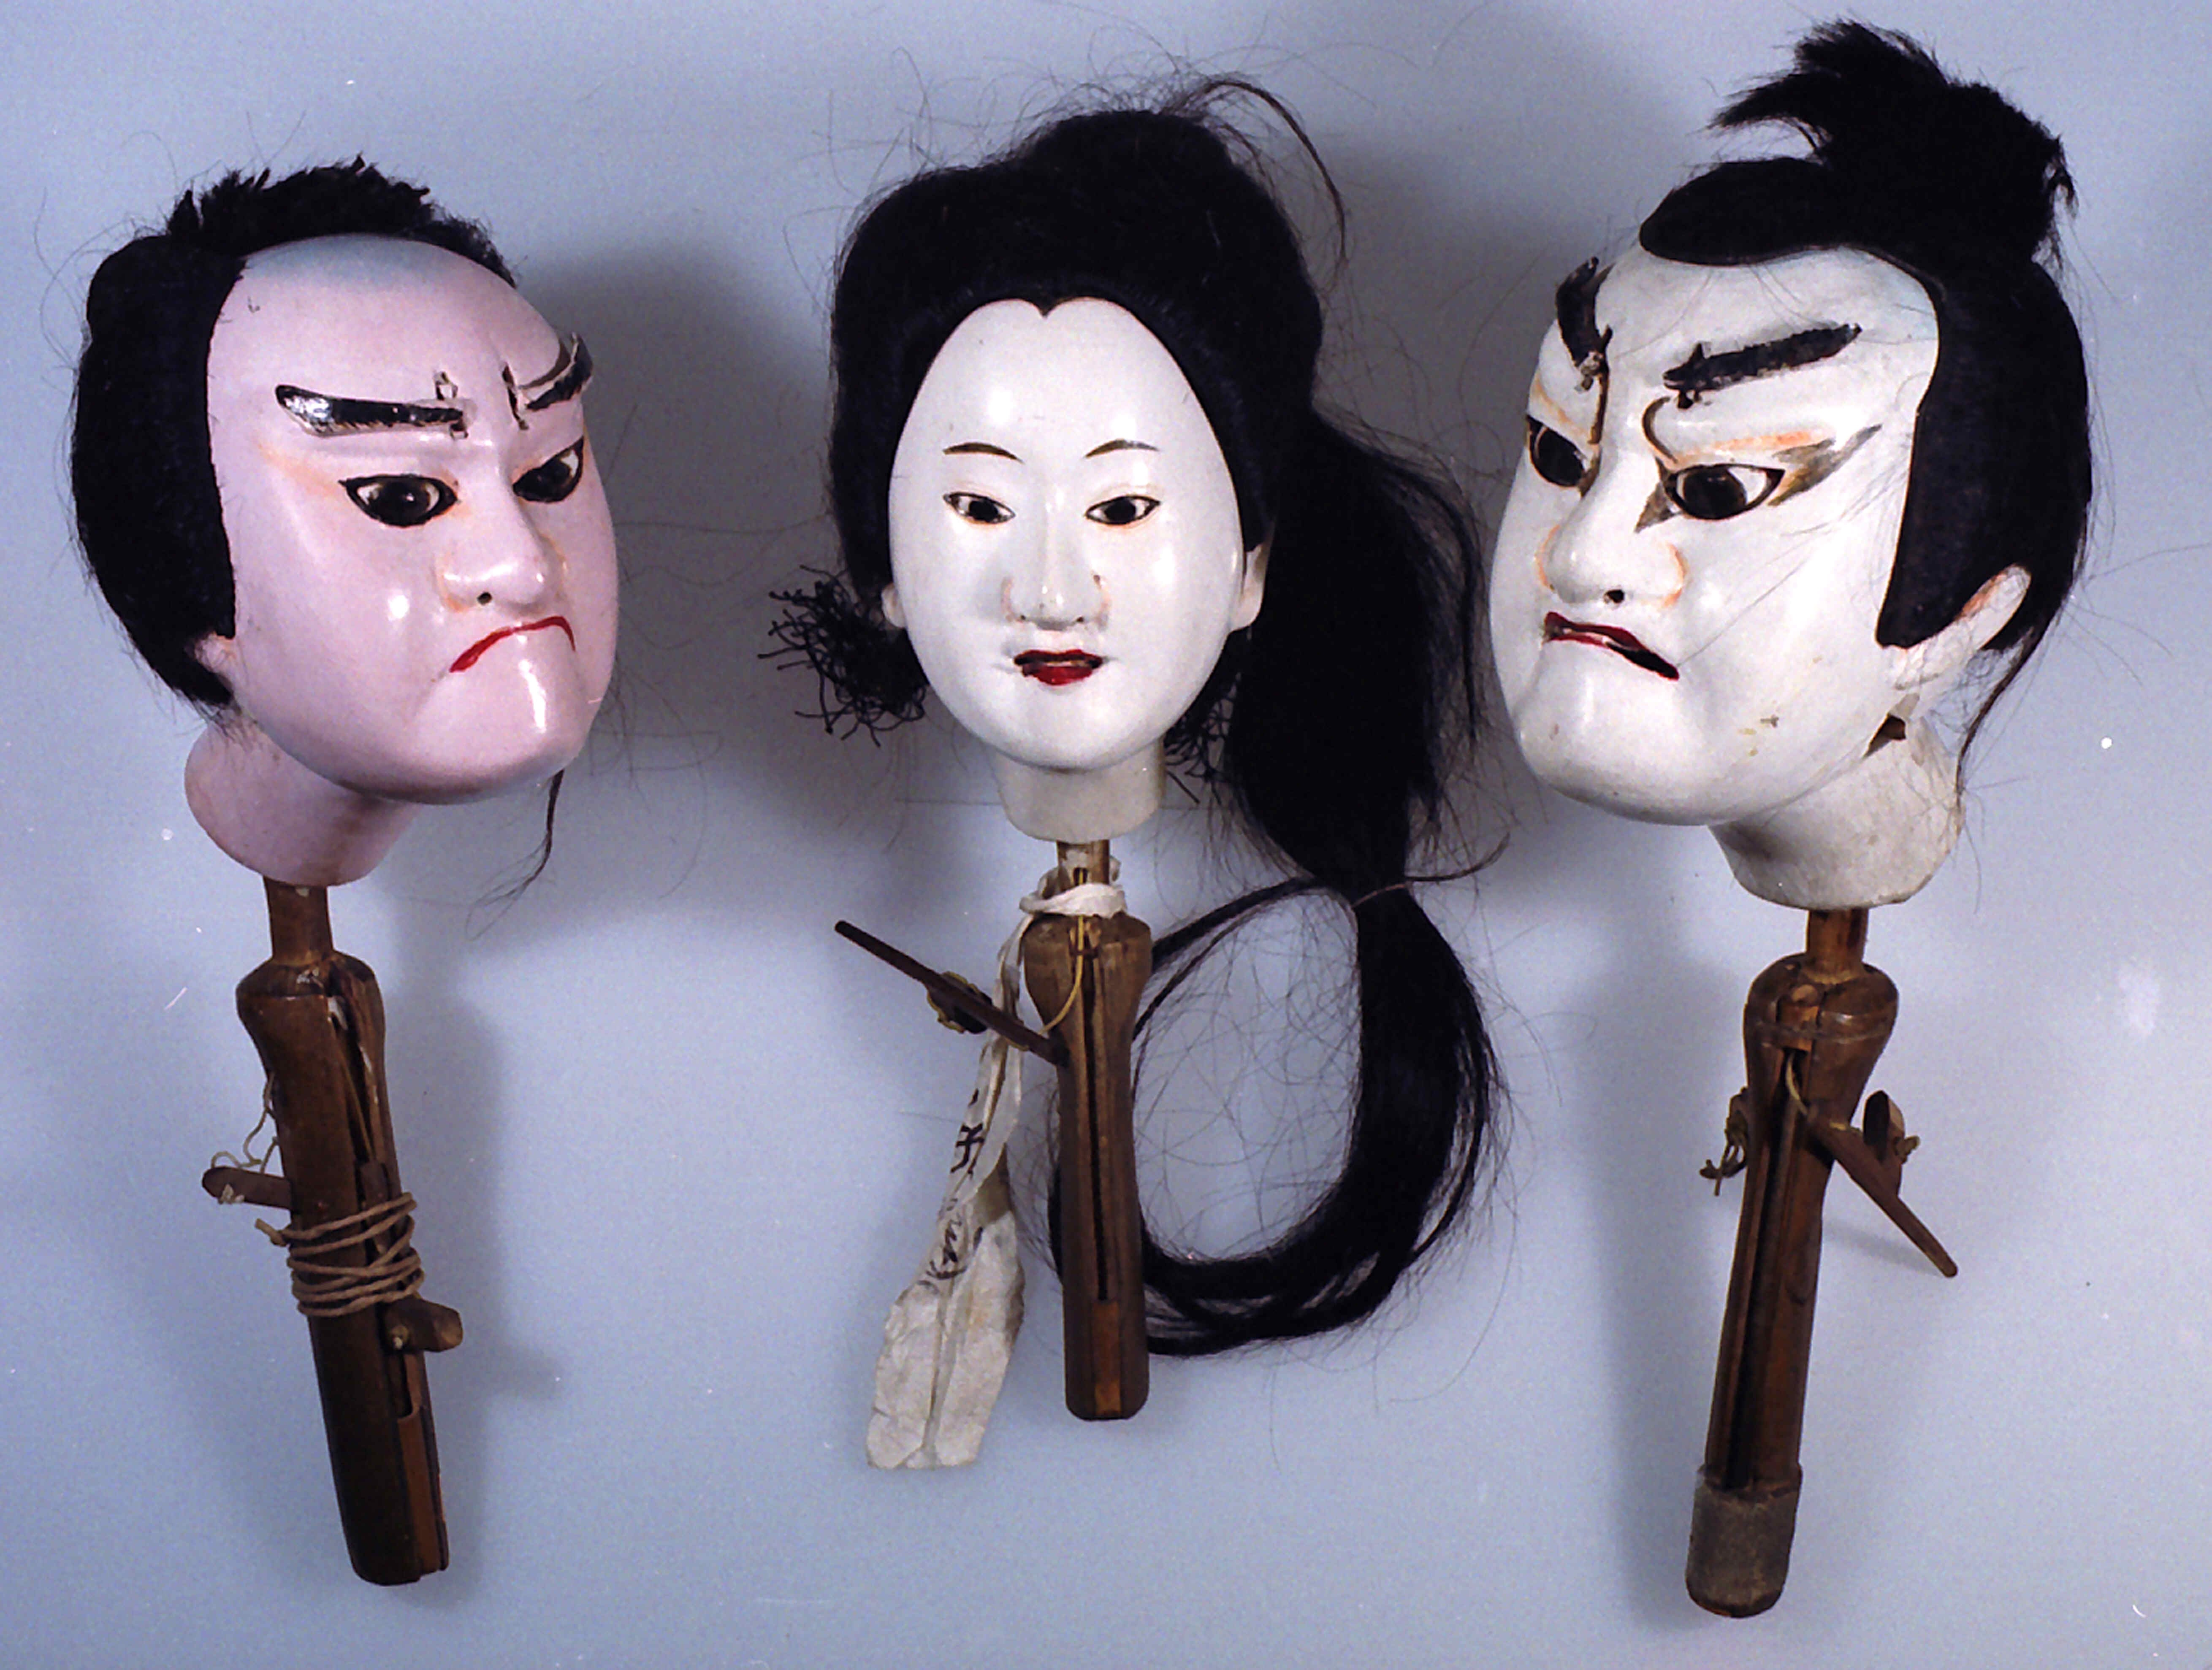 浄瑠璃人形かしら及び衣装 - 港区の文化保護目録 | 港区立郷土歴史館